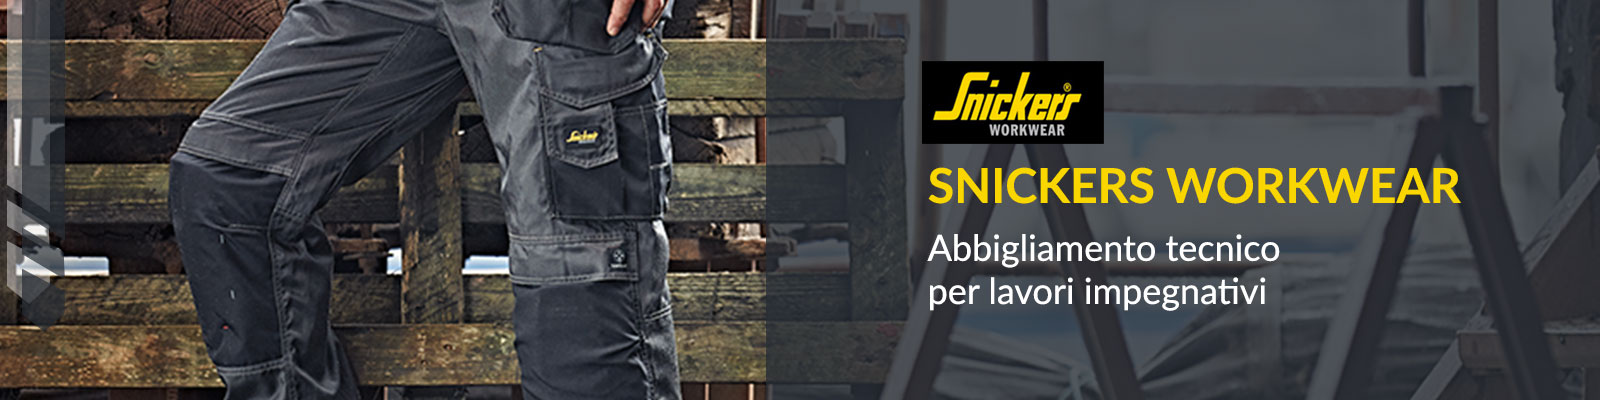 Snickers Workwear - Abbigliamento Antinfortunistico